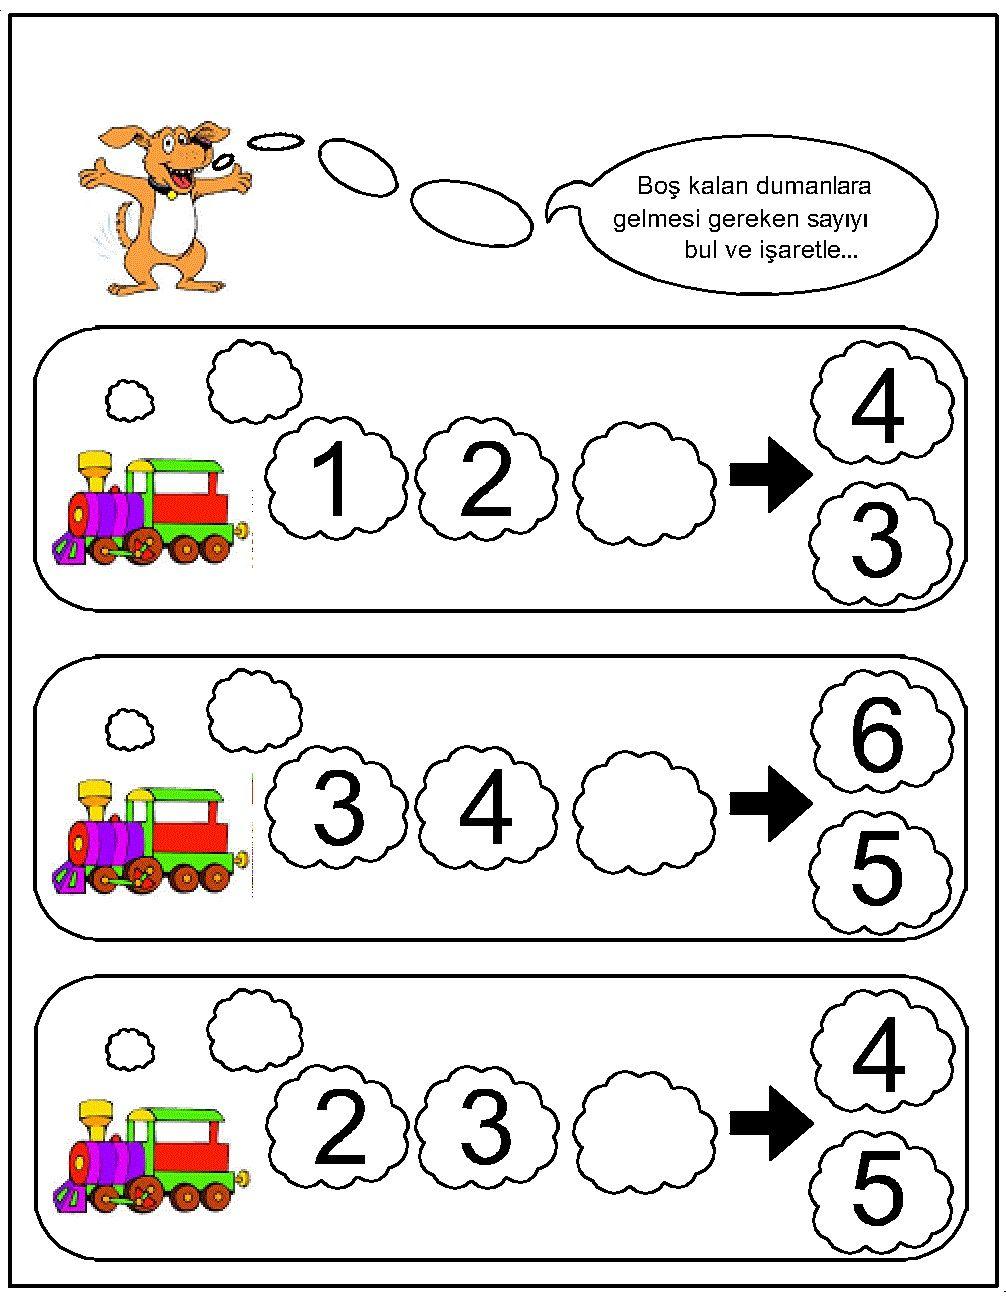 Missing Number Worksheet For Kids 18 Missing Number Worksheets Kindergarten Math Worksheets Preschool Worksheets [ 1302 x 1006 Pixel ]